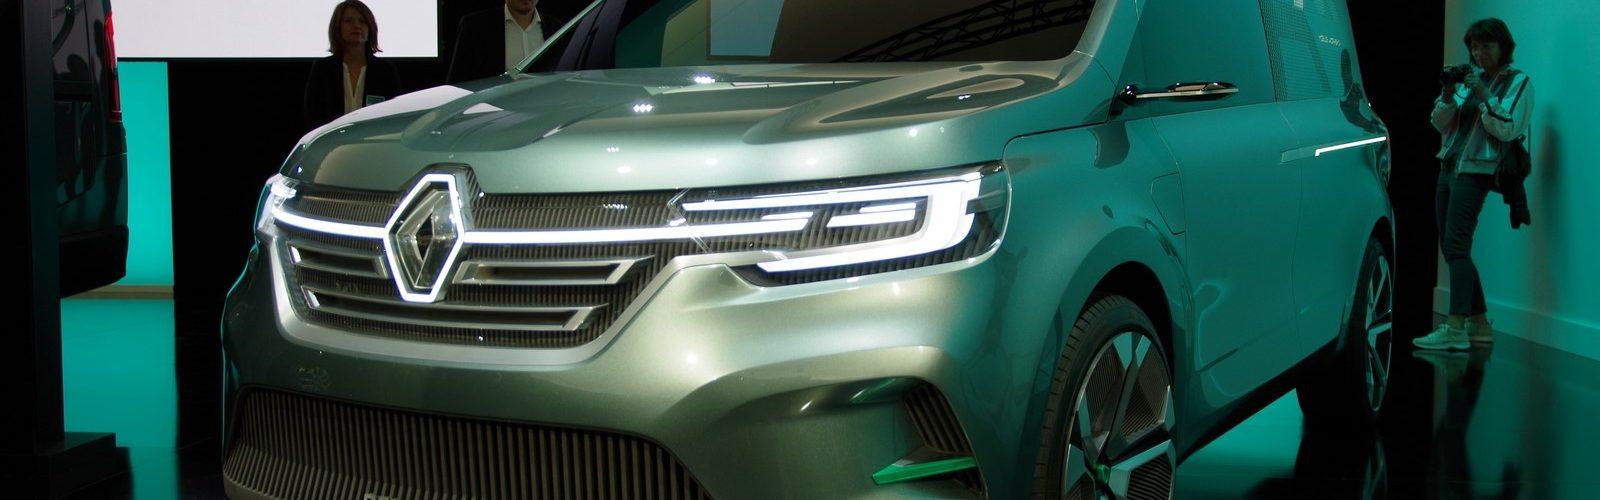 Renault Kangoo Z.E. 2020 LNA FM 2019 showcar 15